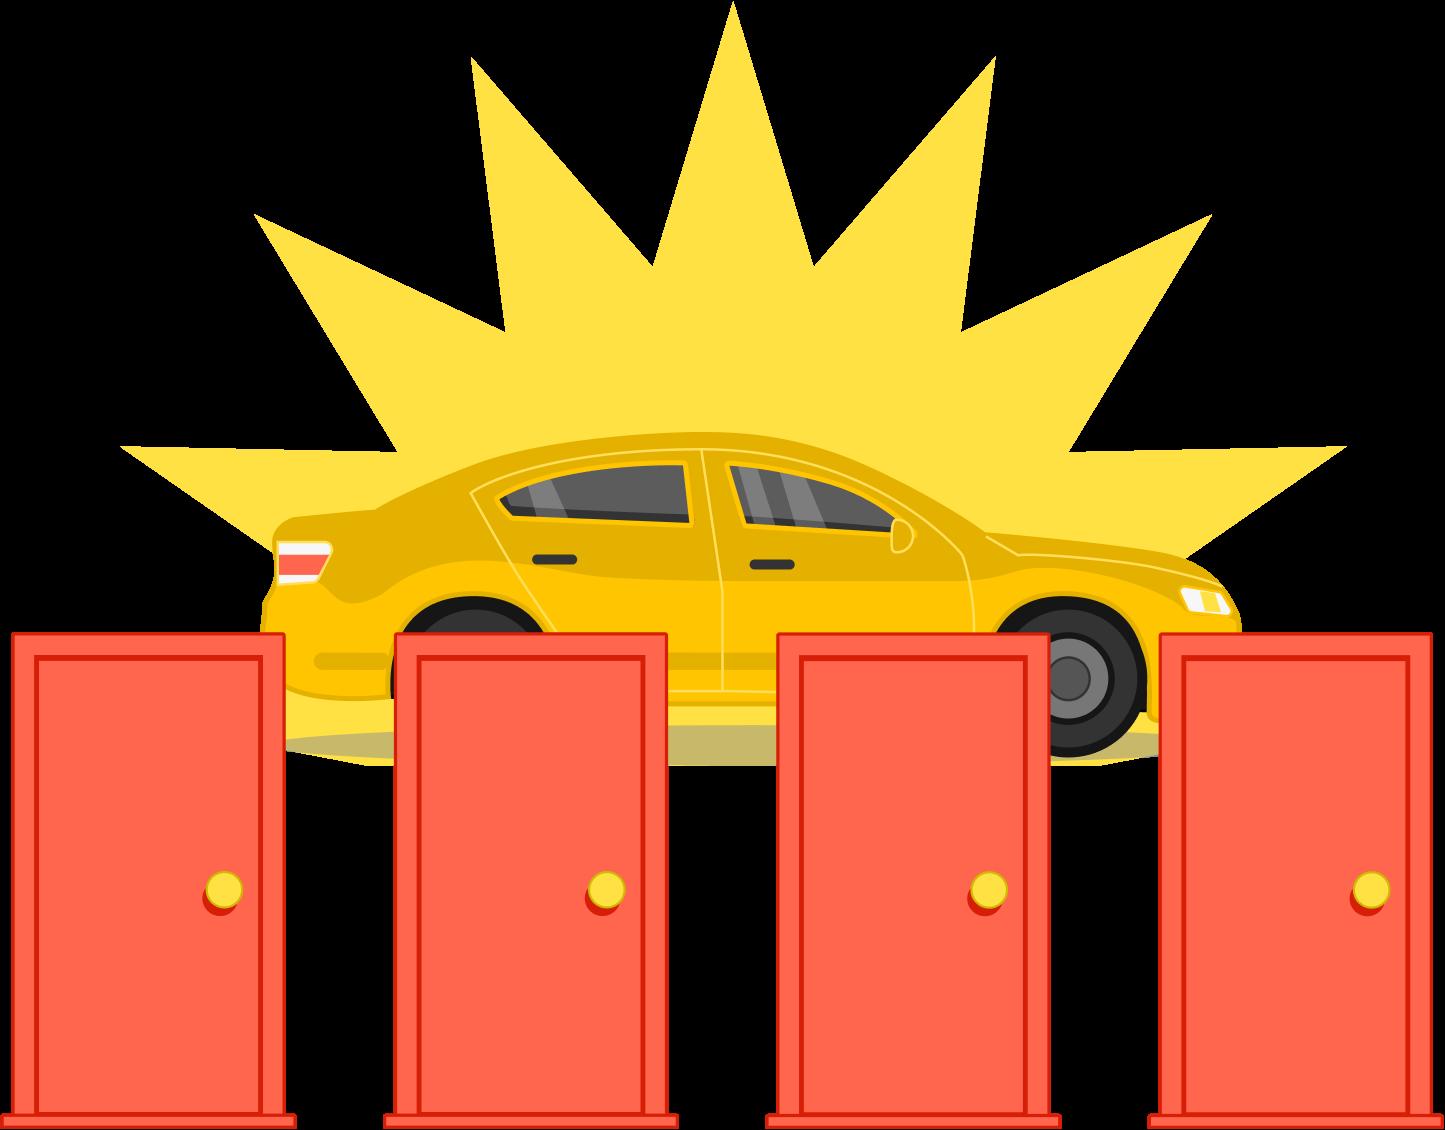 Door clipart yellow door. Monty hall problem brilliant